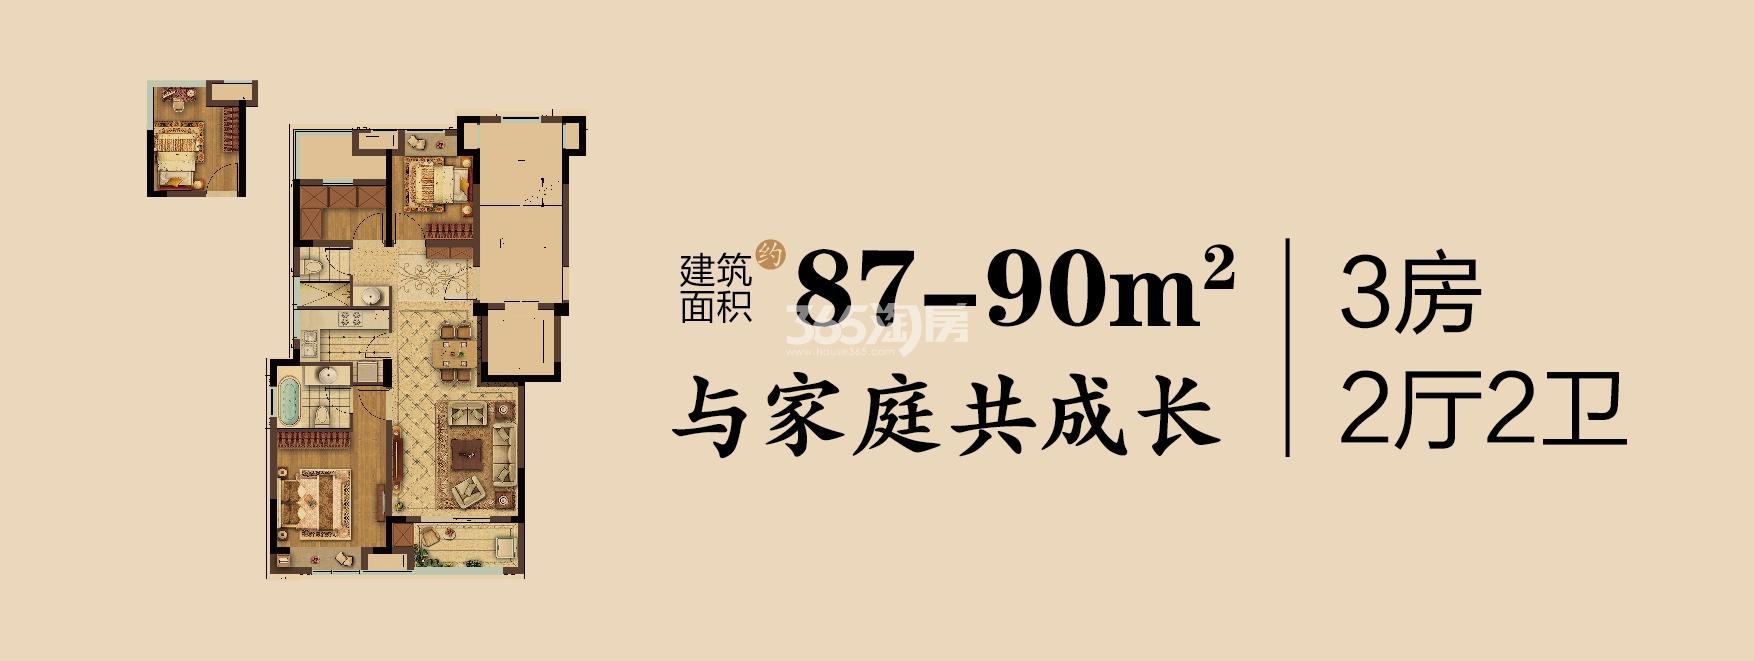 融创臻园87-90㎡户型图